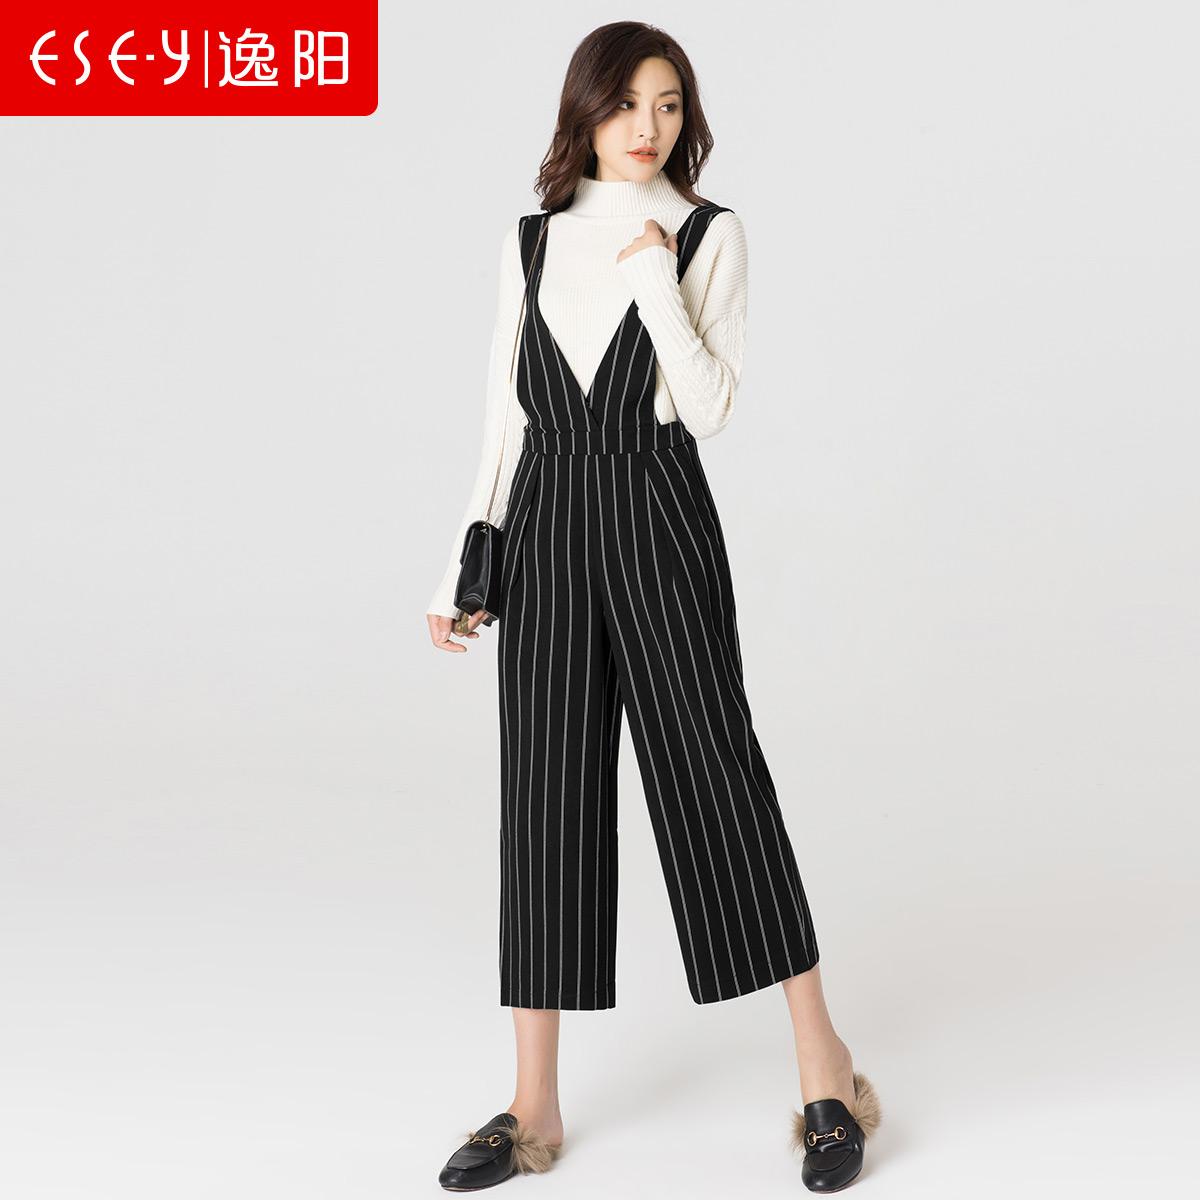 逸阳女冬季时尚大V领个性潮流洒脱率性测拉链背带阔腿裤5703